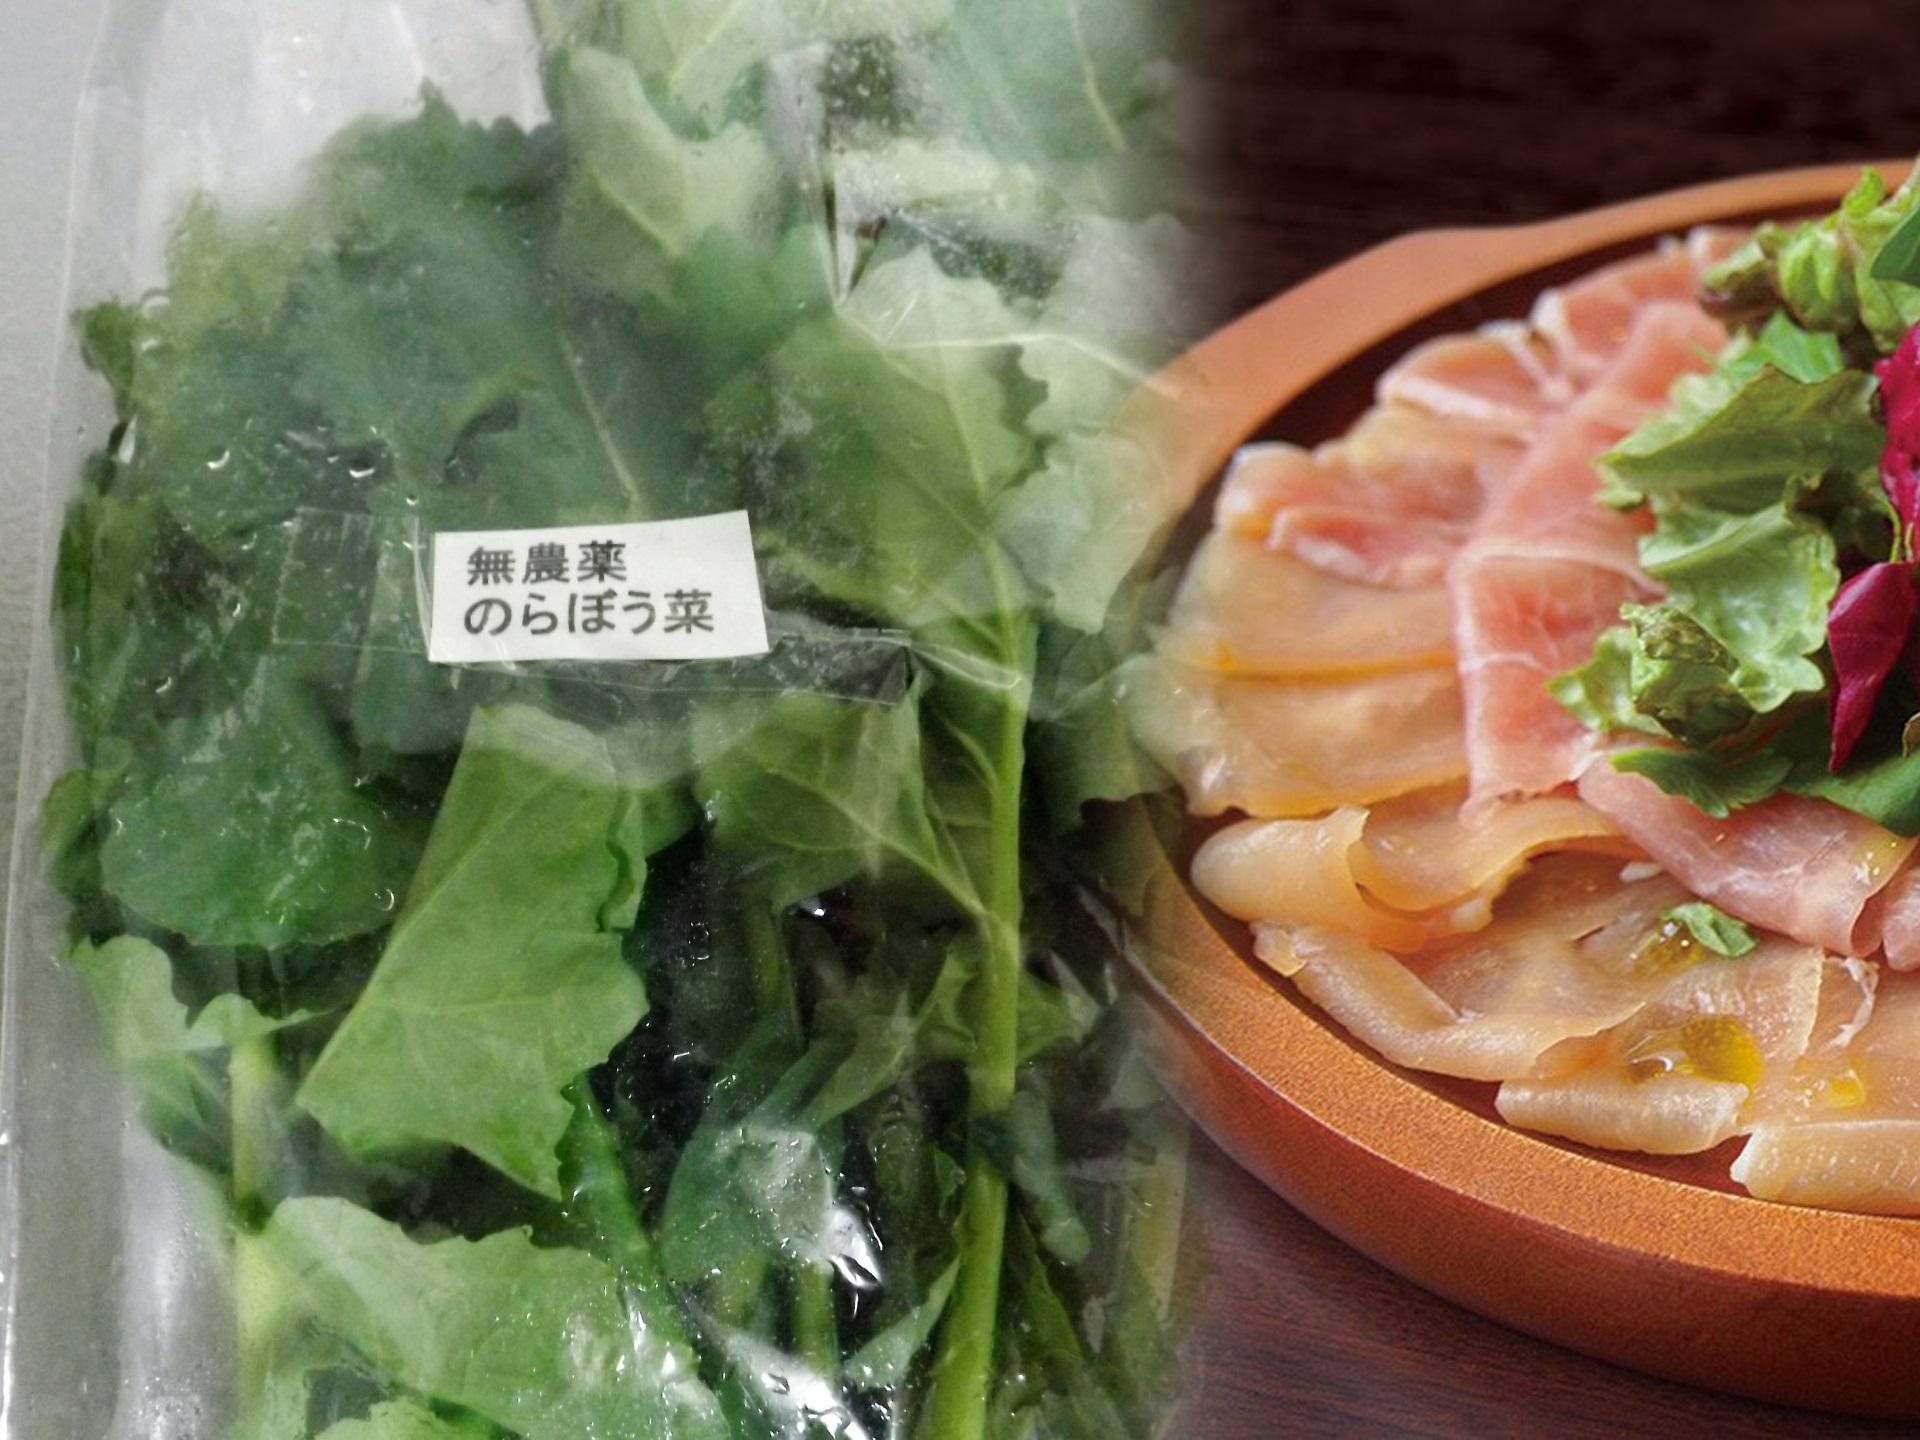 【青空レストラン】のらぼう菜と東京しゃもの通販・お取り寄せと販売店情報!